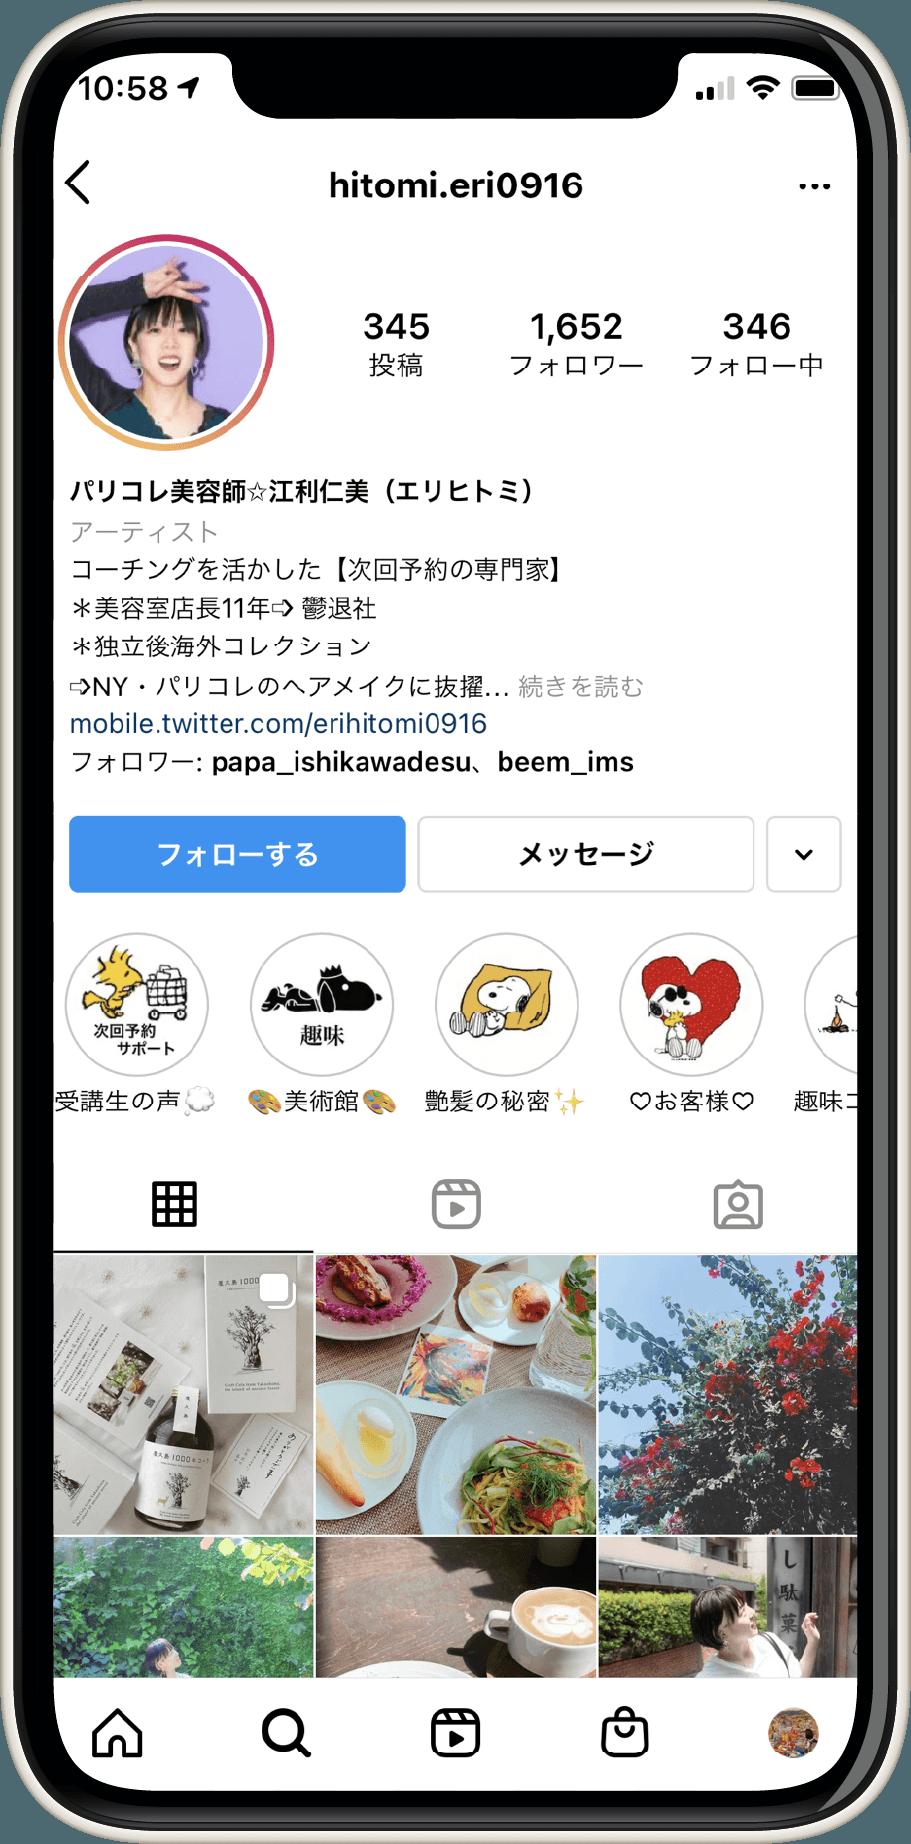 江利 仁美さん 【美容師・集客コンサルタント】のケース